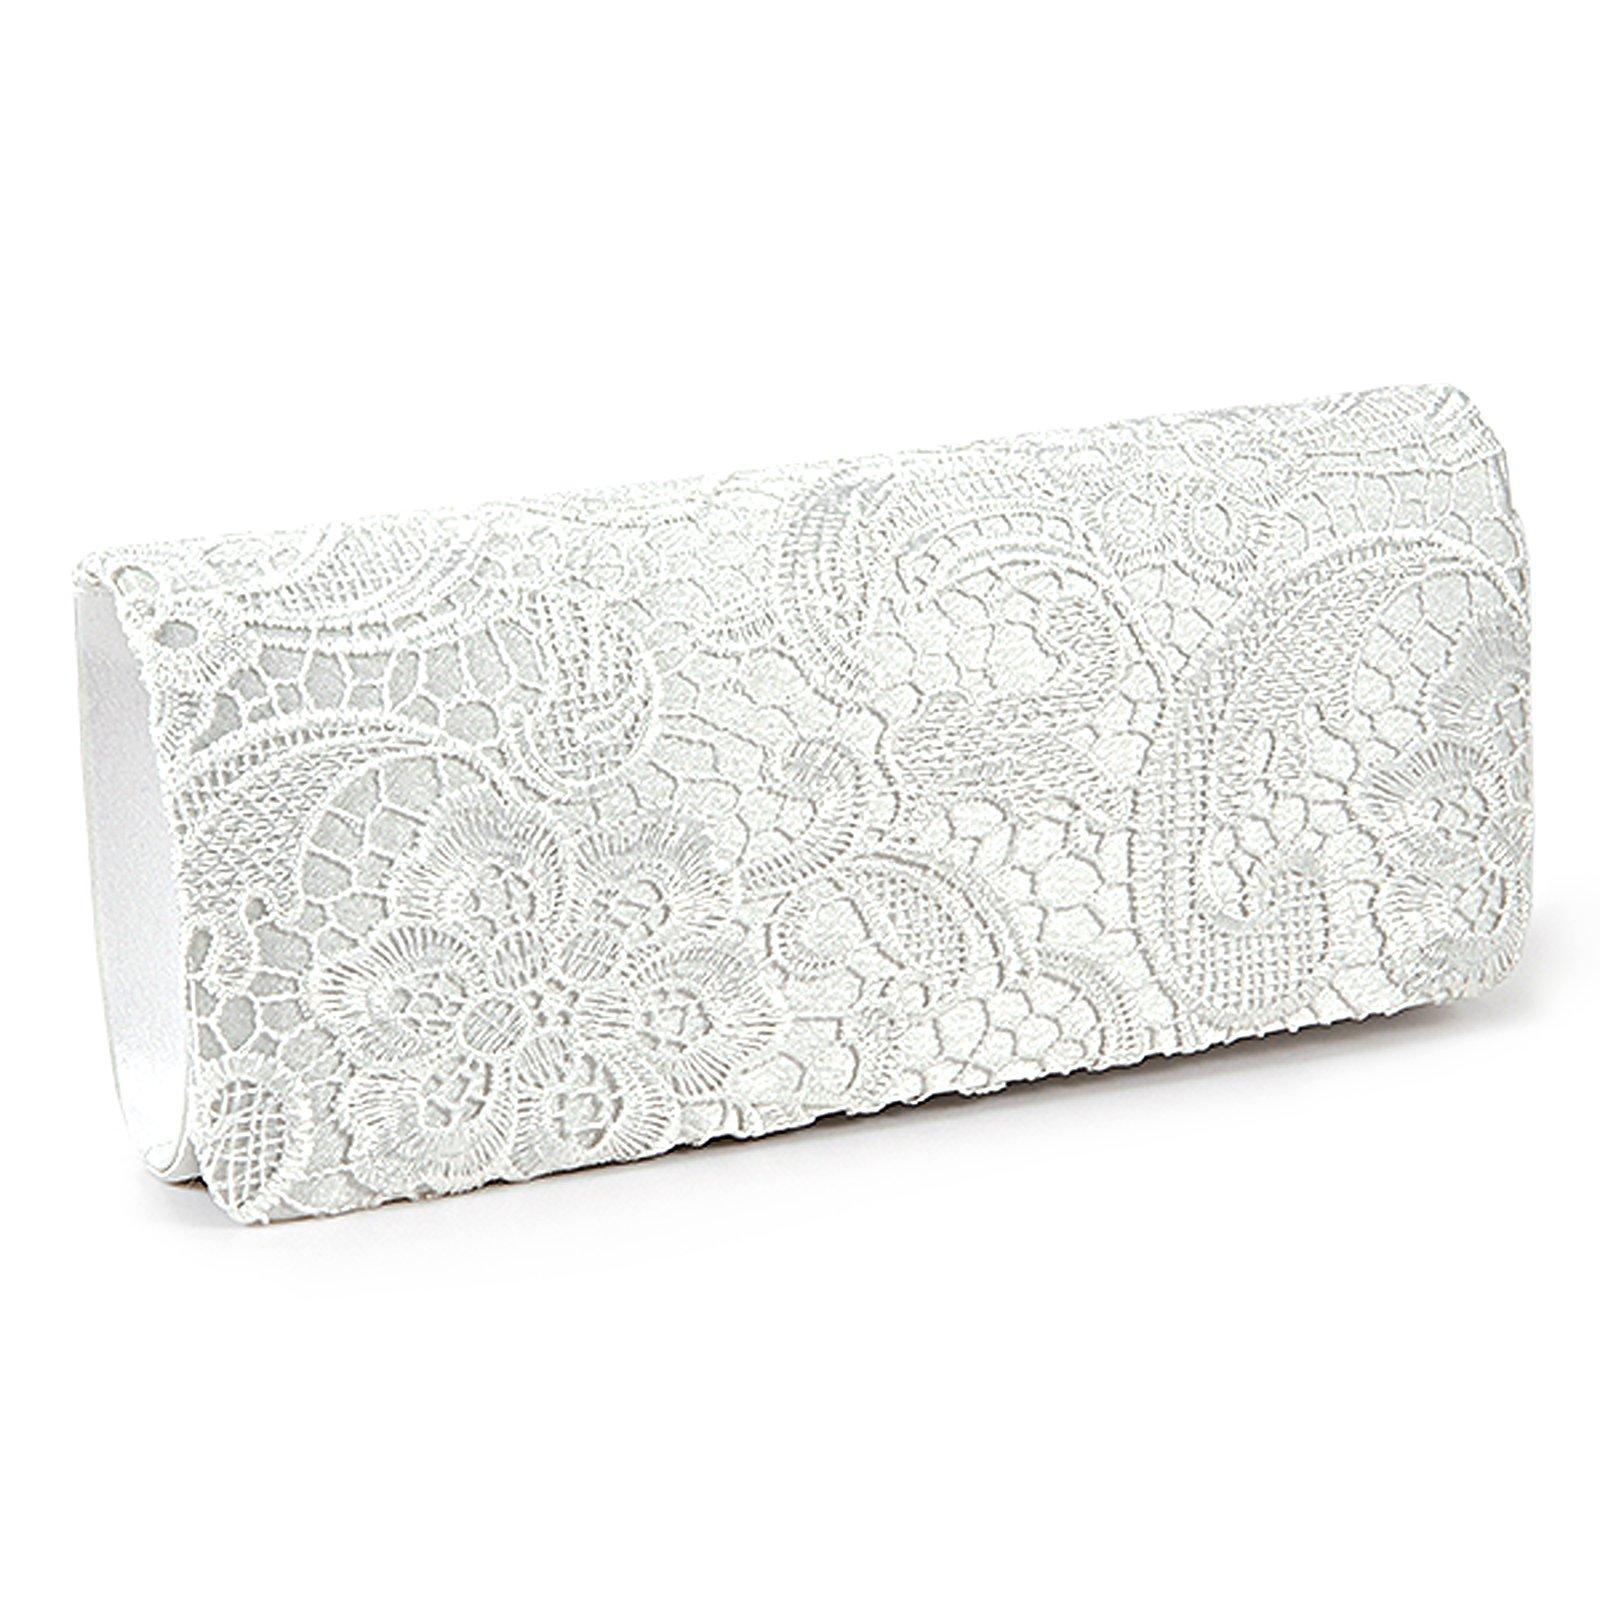 все цены на Wholesale10*Woman's Lace Floral Style Satchel clutch Fashion Handbag shoulder bag White